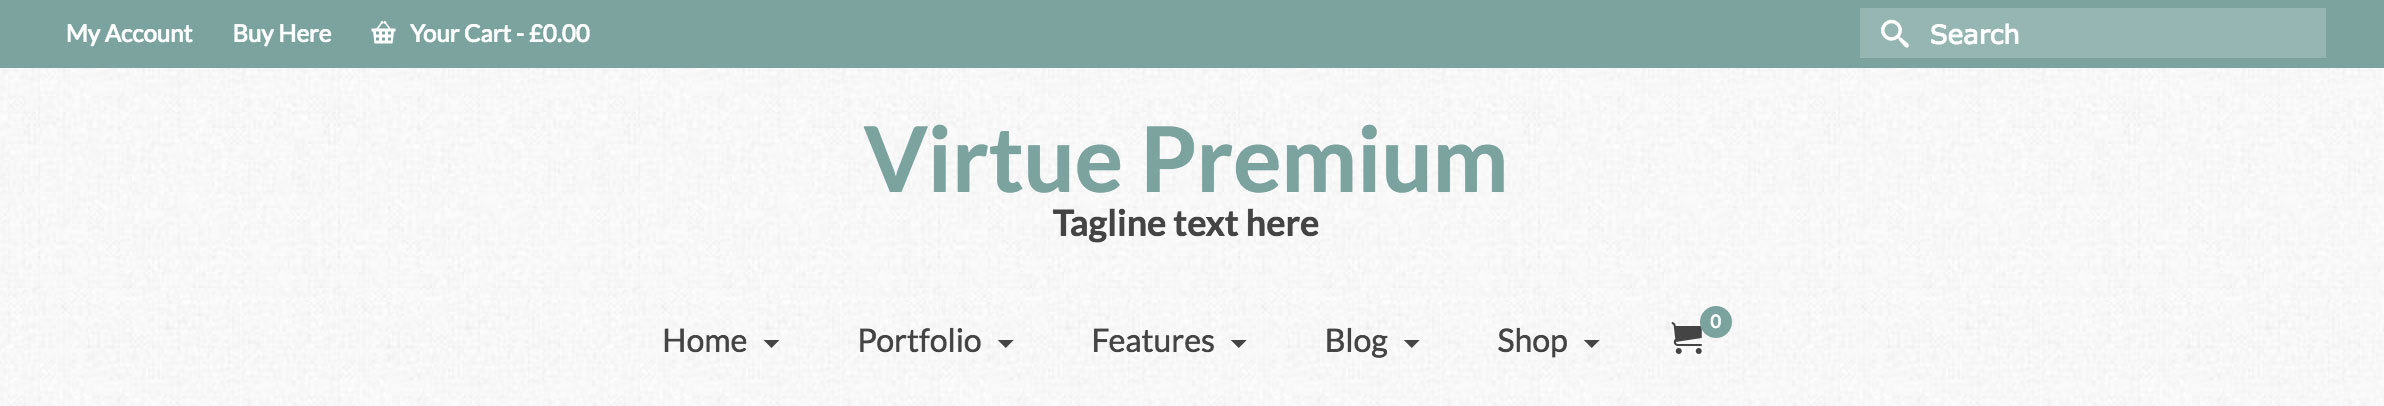 header_menu_below